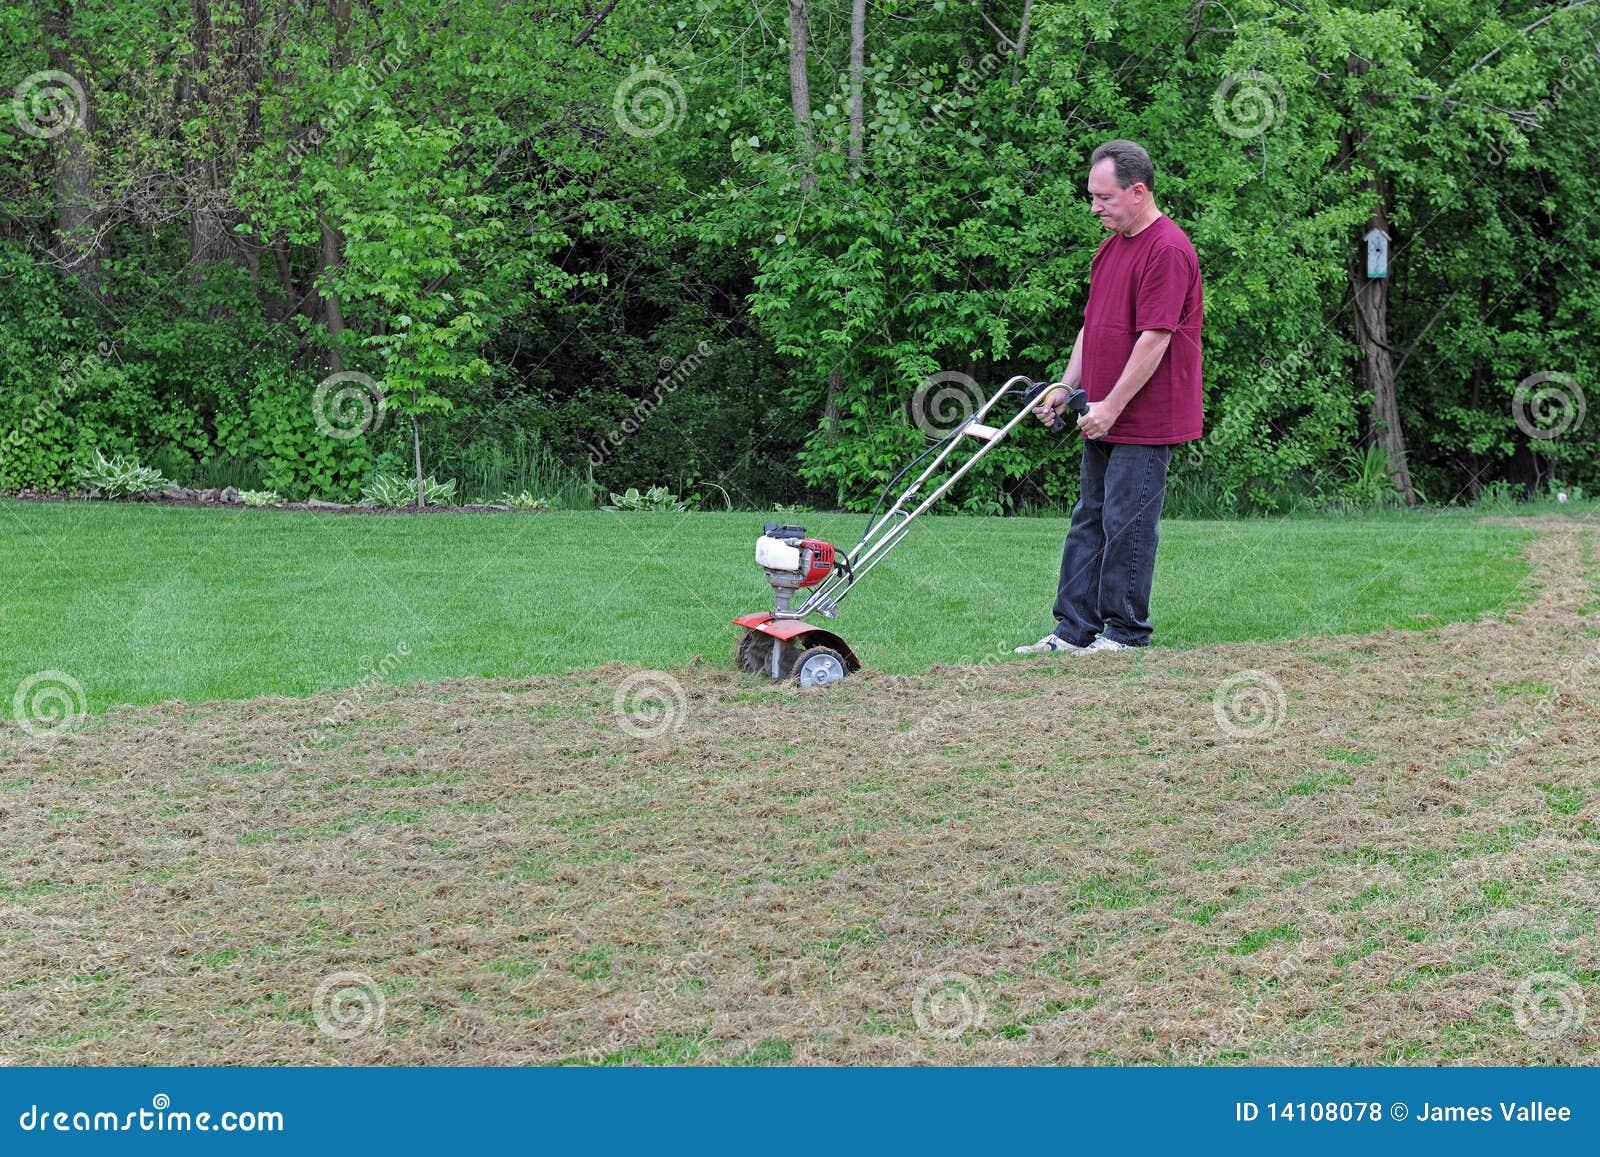 De Zorg van het gazon - Gras Dethatching